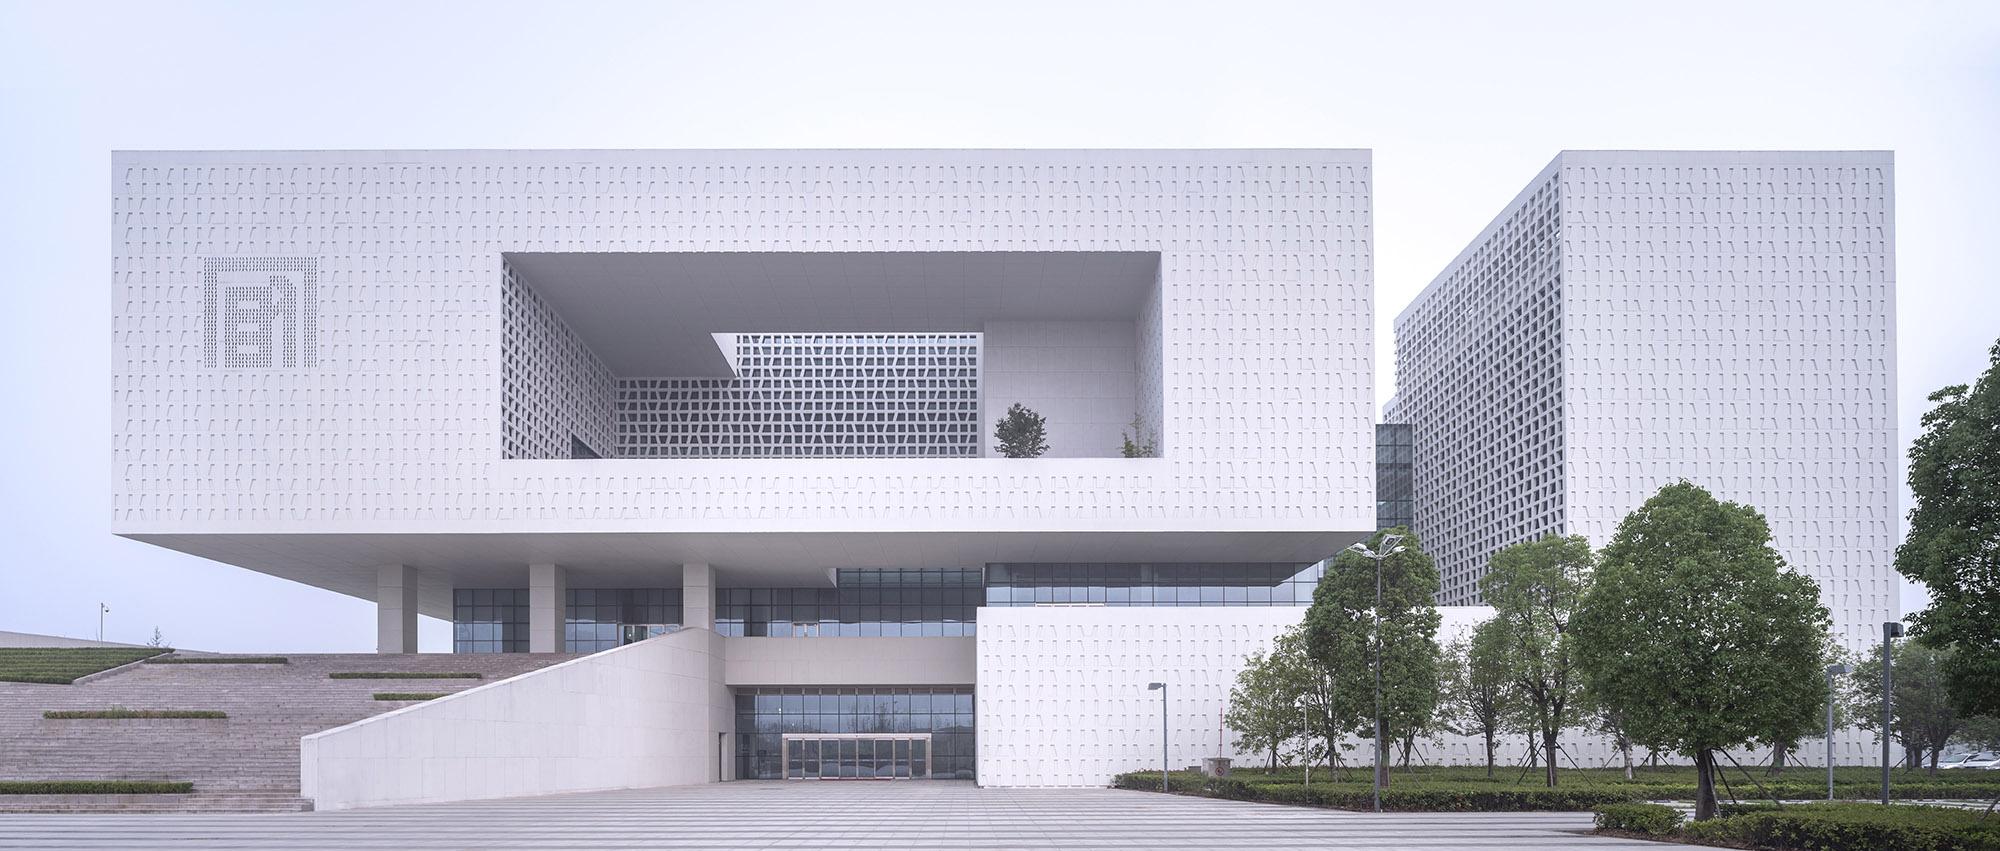 AUBE欧博设计:宿州城市规划展示馆